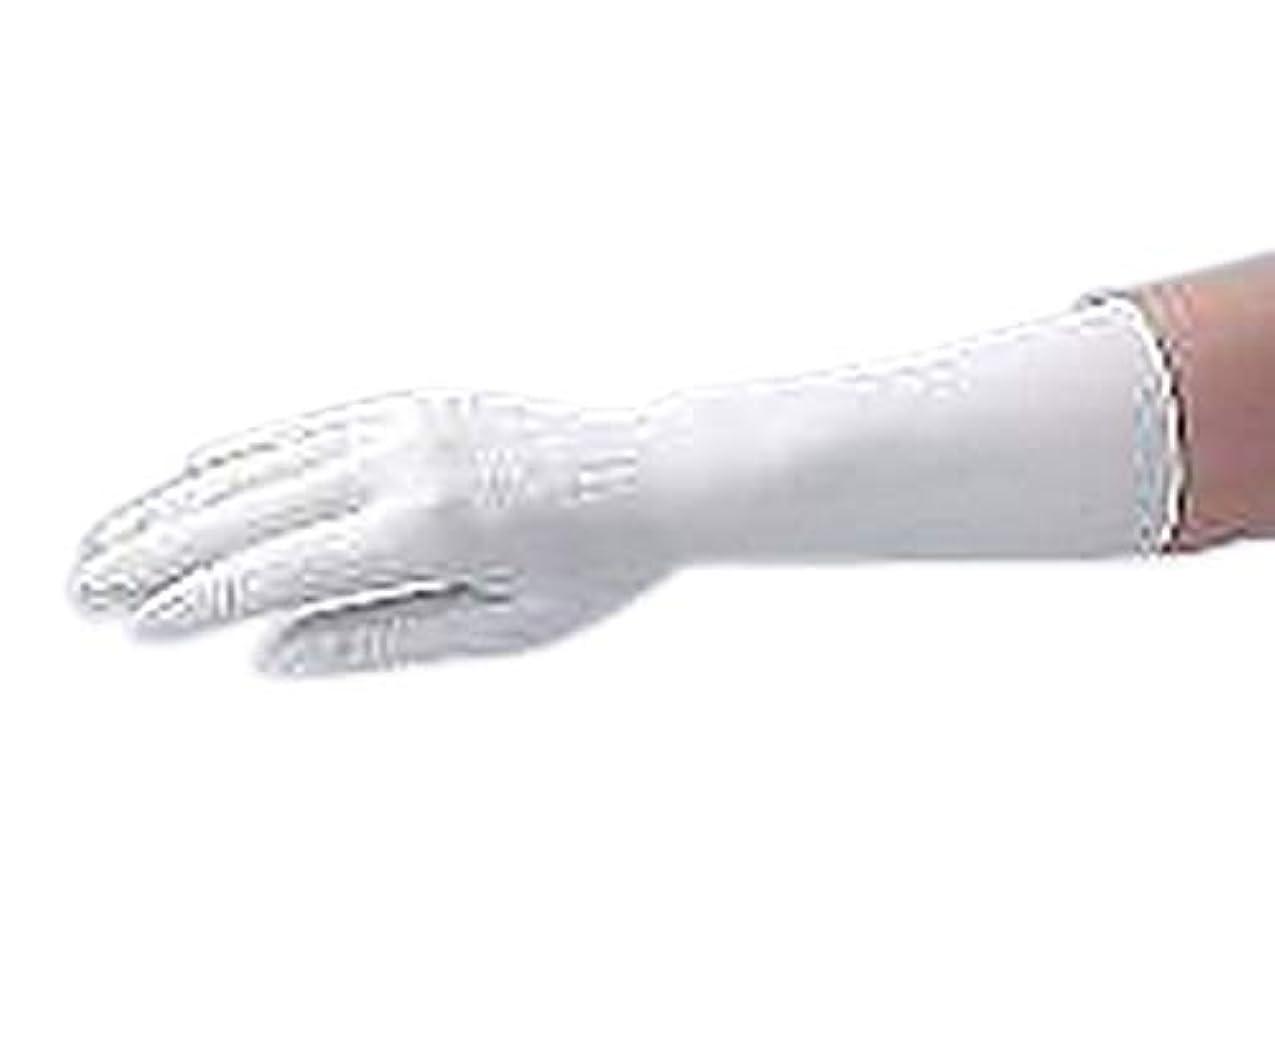 悩み遠え男らしいアズワン アズピュア クリーンノール ニトリル手袋(ペアタイプ) XS 左右各100枚×5袋入 /1-2323-51